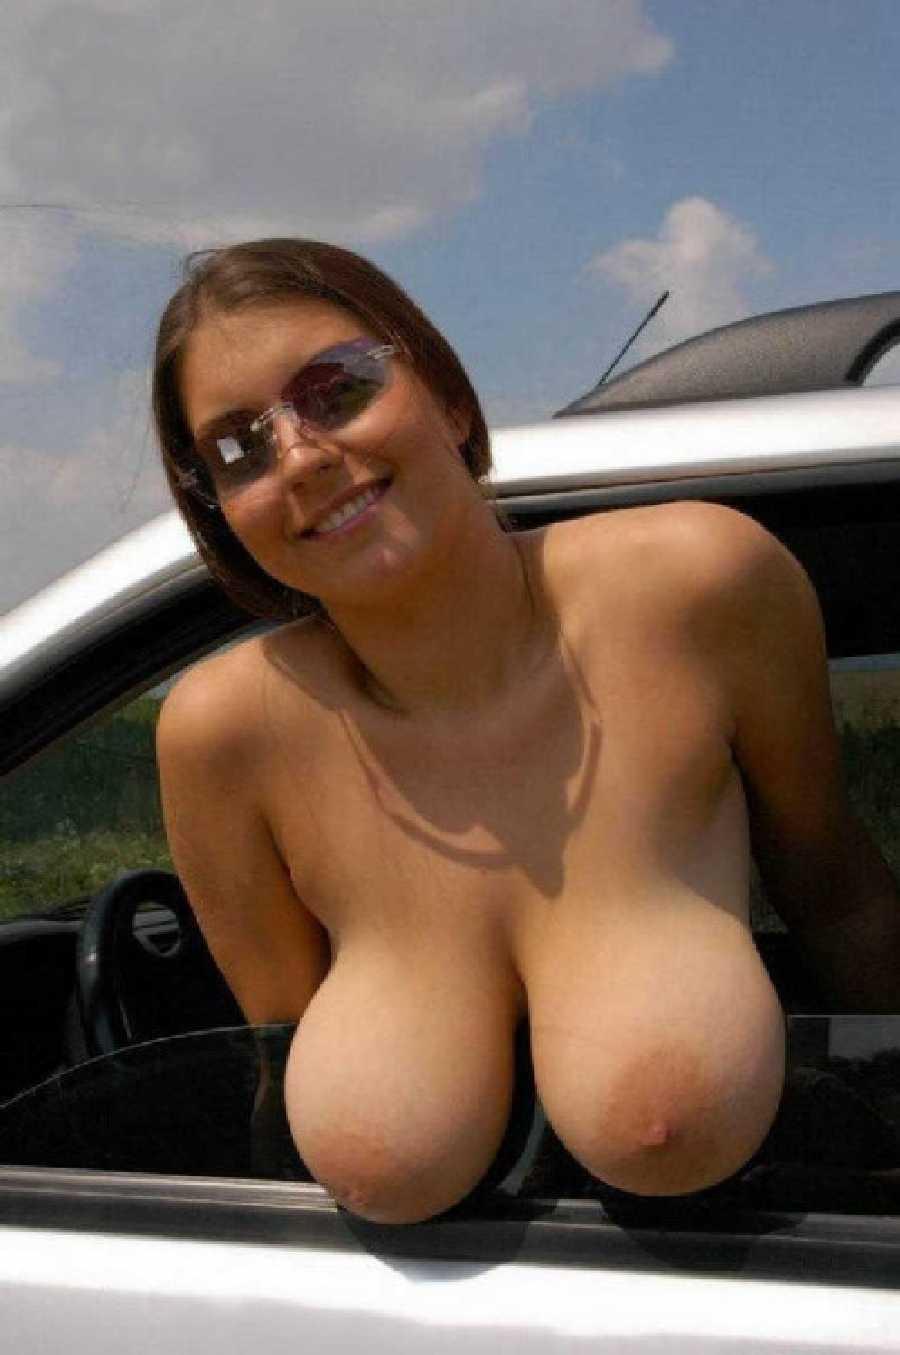 Madrigal Porno Nackte Brüste in der Durchfahrt kleinen Paris Houston